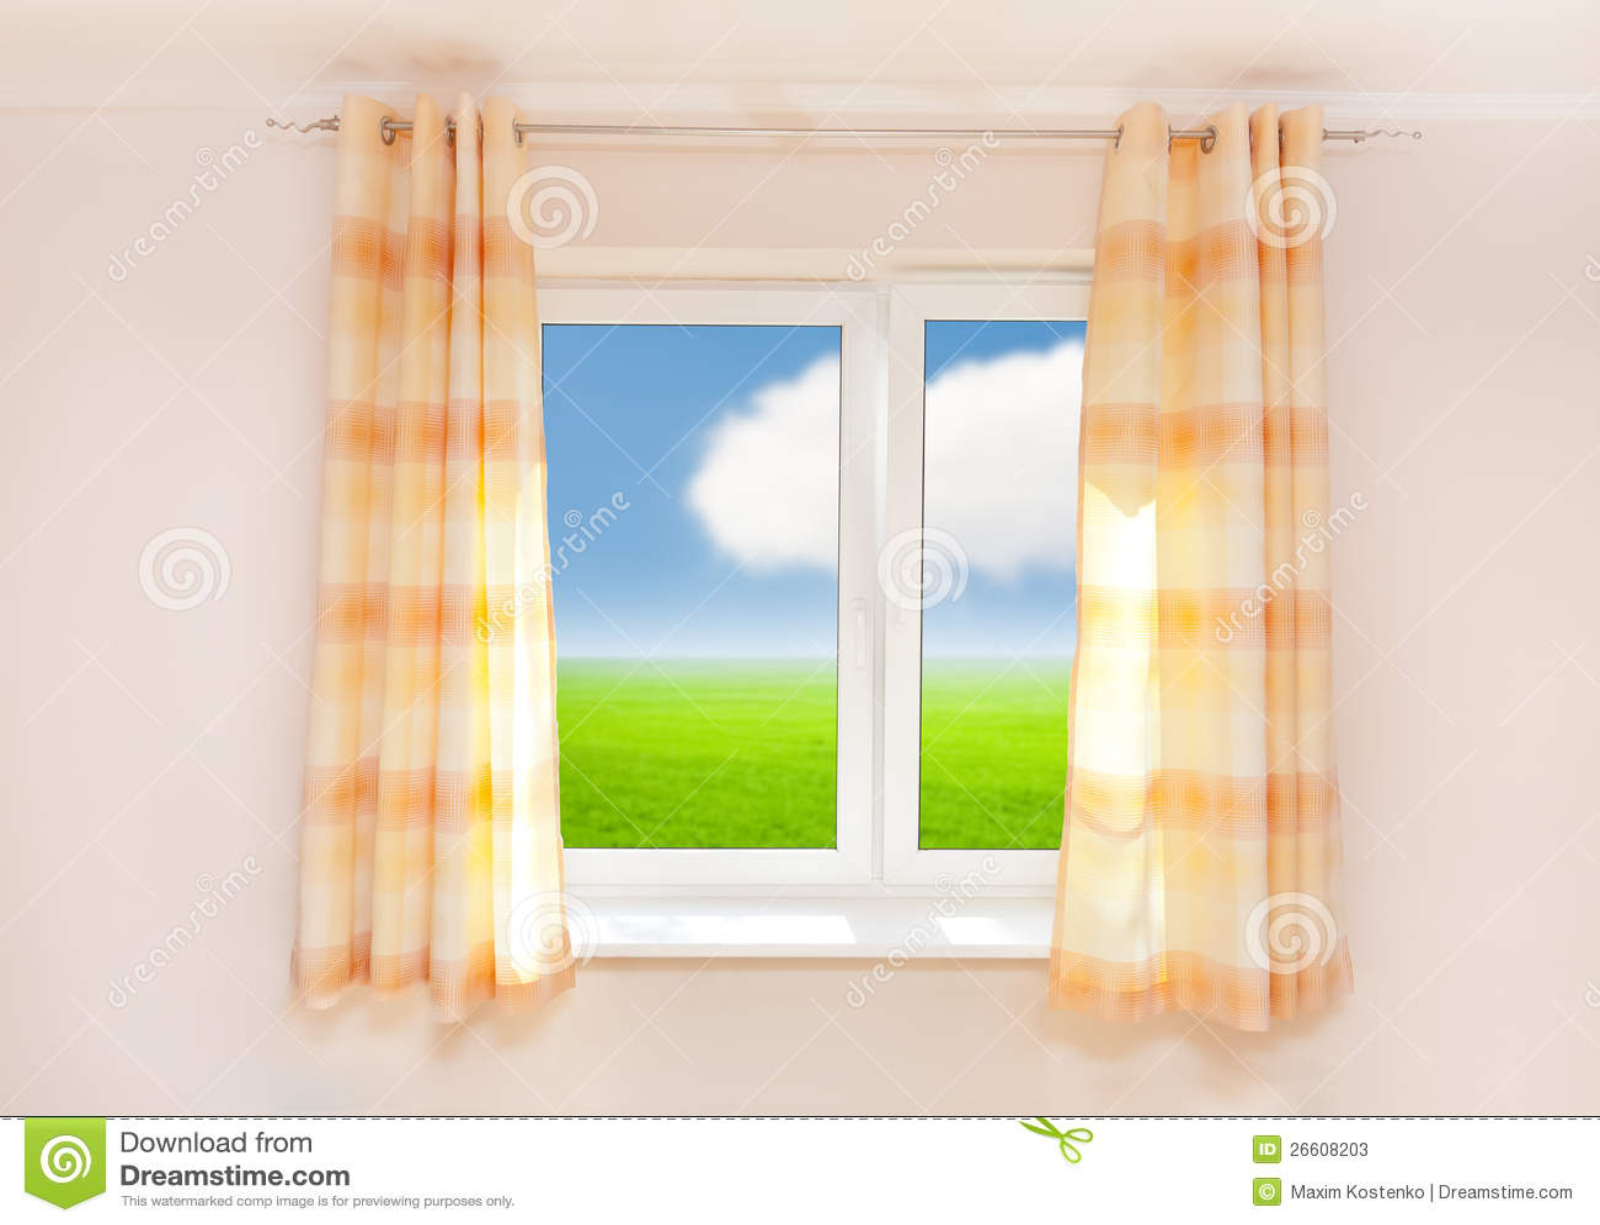 kitchen curtains for sale rug table 厨房窗帘库存图片 图片包括有内部 附加费用 著名 缨子 金黄 装饰 厨房窗帘